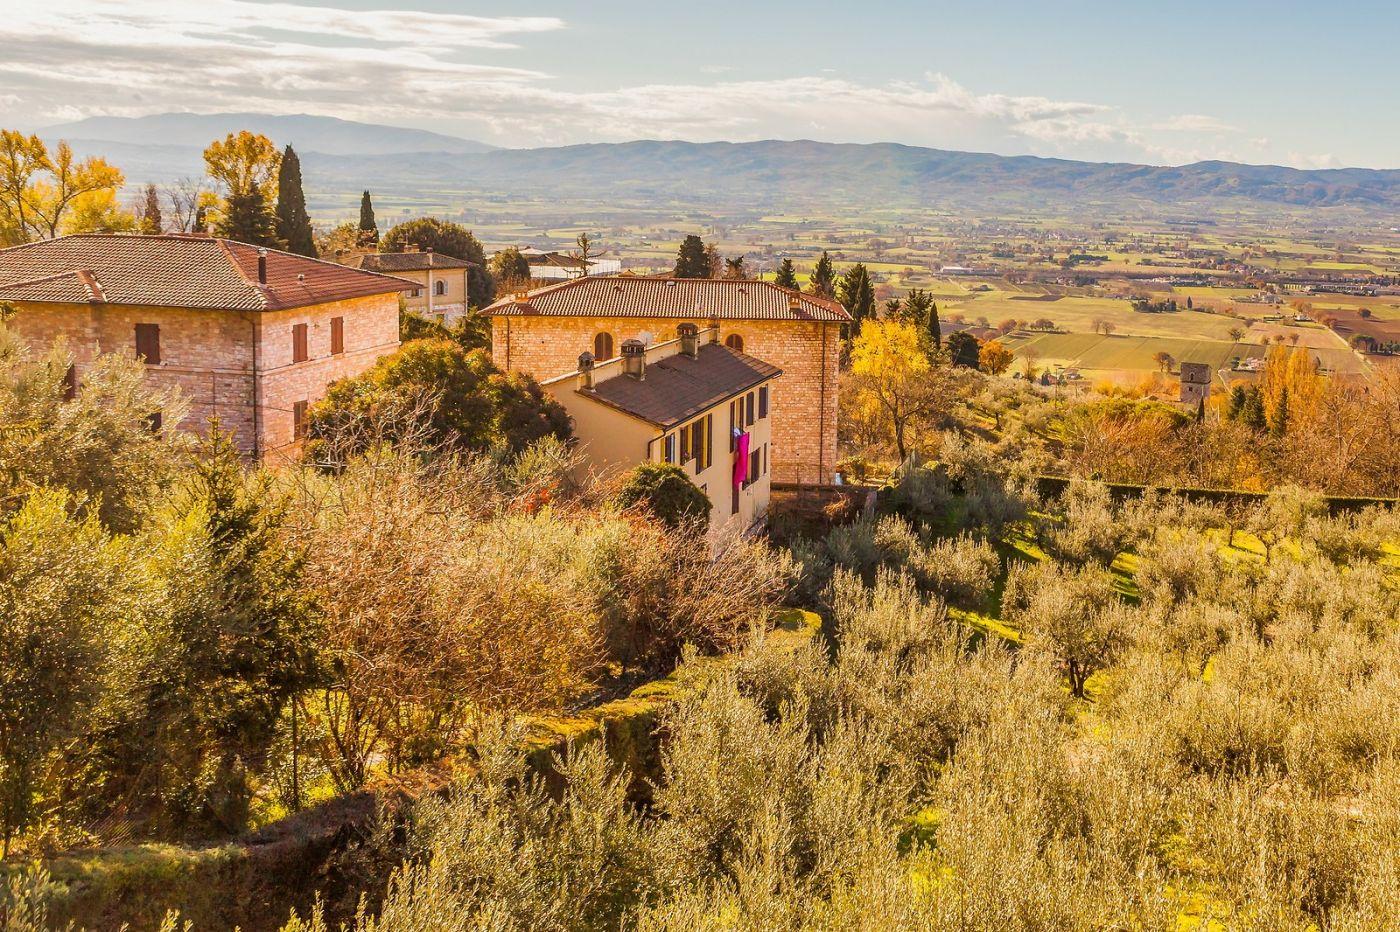 意大利阿西西(Assisi), 登高放眼_图1-26